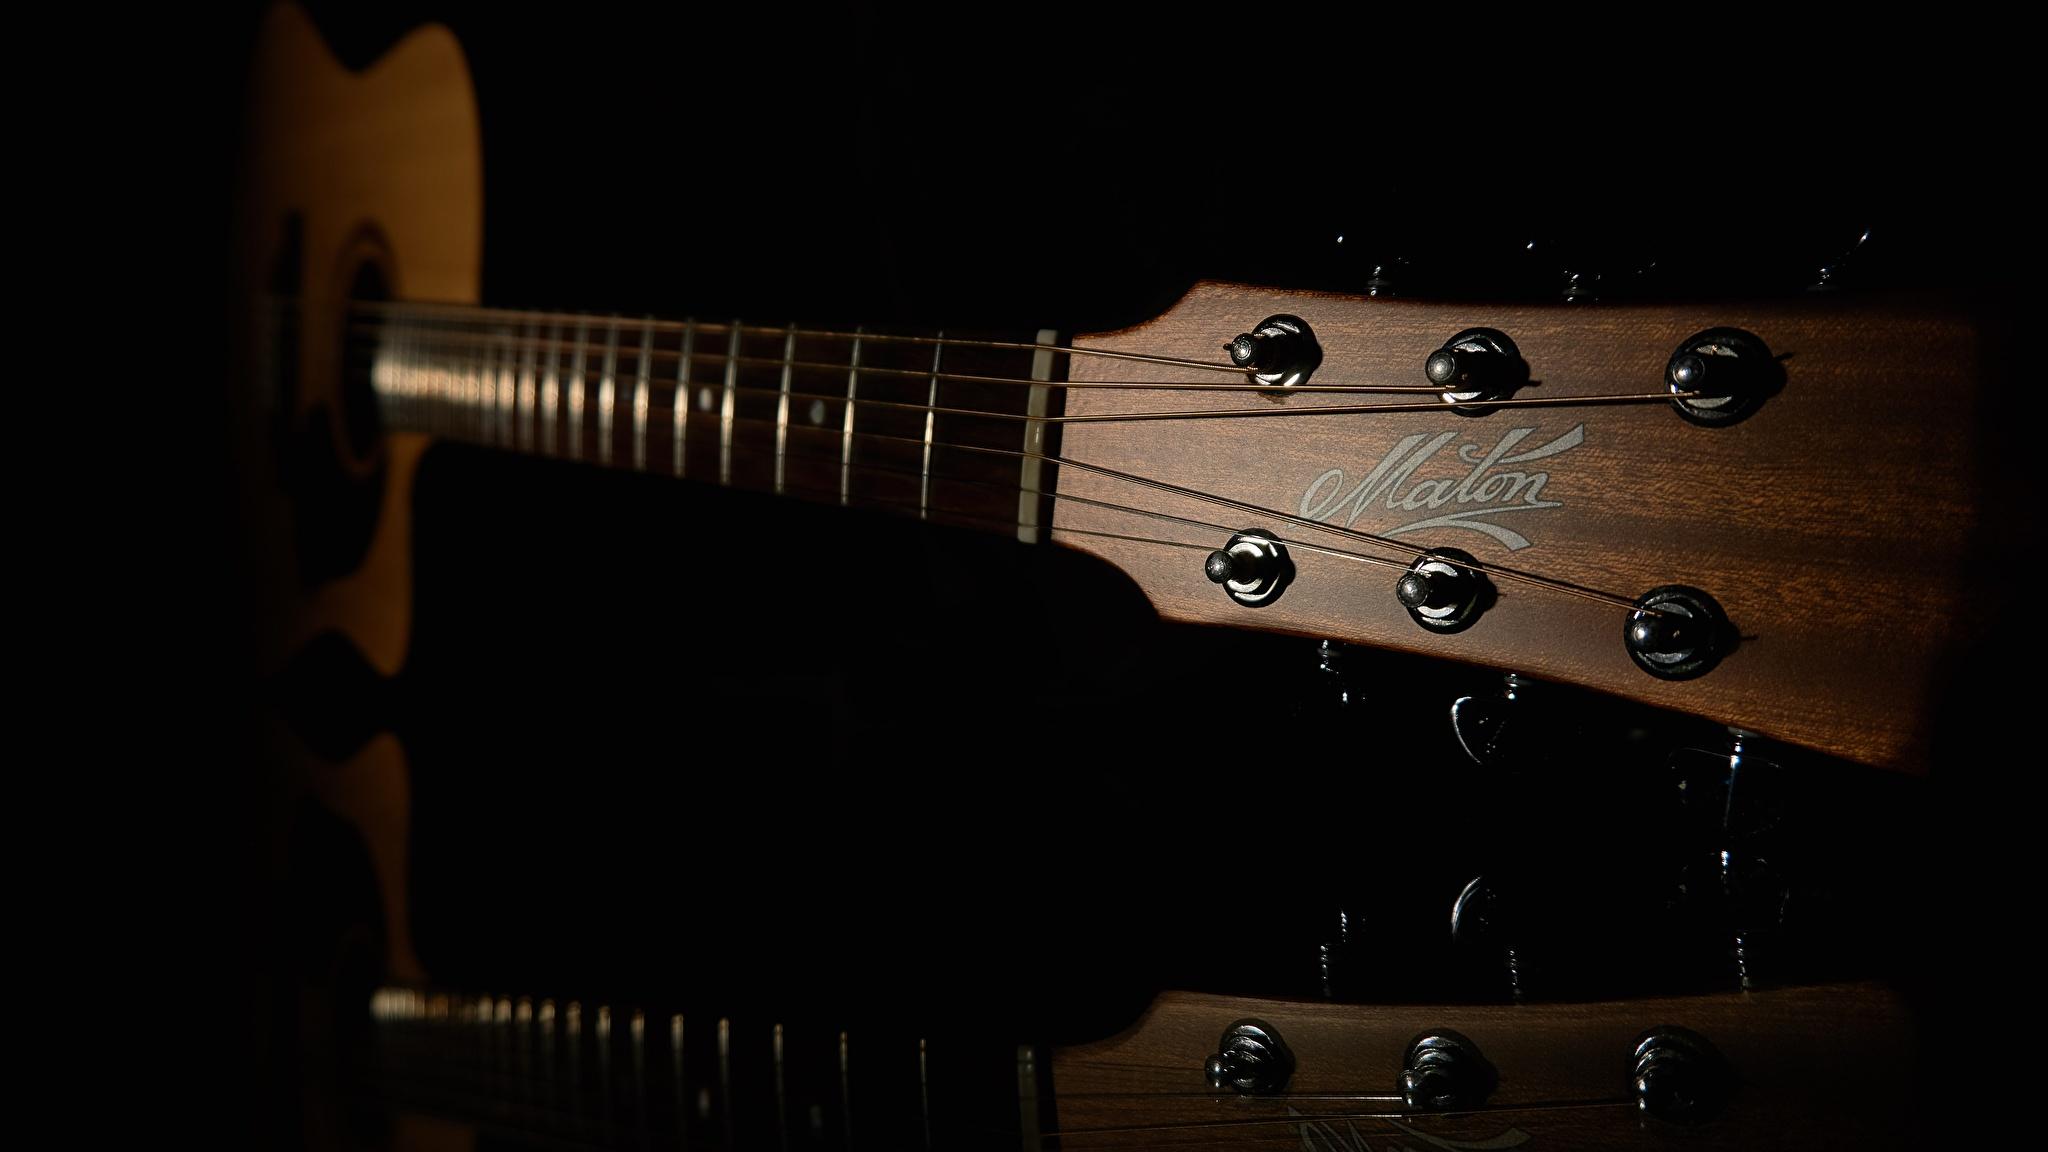 Guitar Wallpaper Download Fondo De Pantalla Guitarra 312383 Hd Wallpaper Backgrounds Download